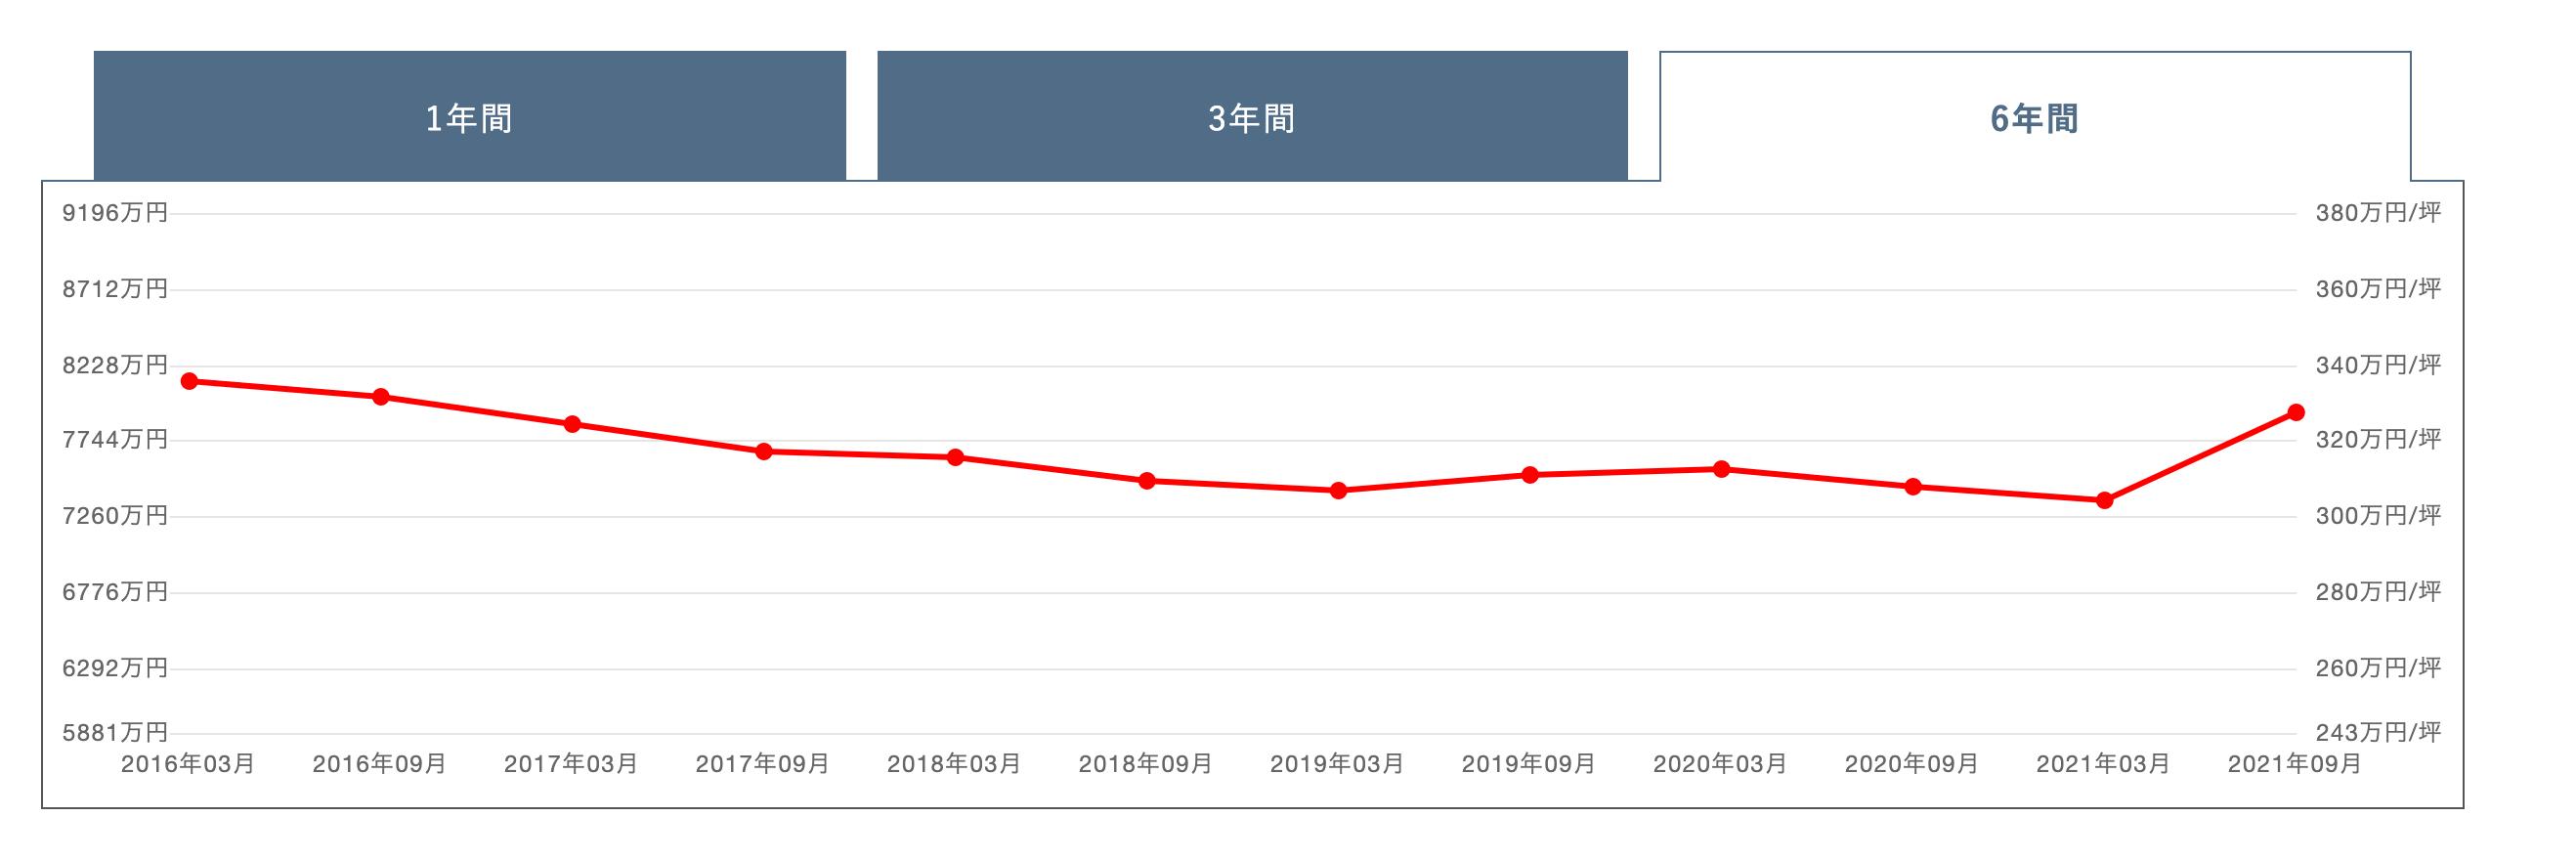 パークシティ武蔵小杉ミッドスカイタワー価格変動グラフ